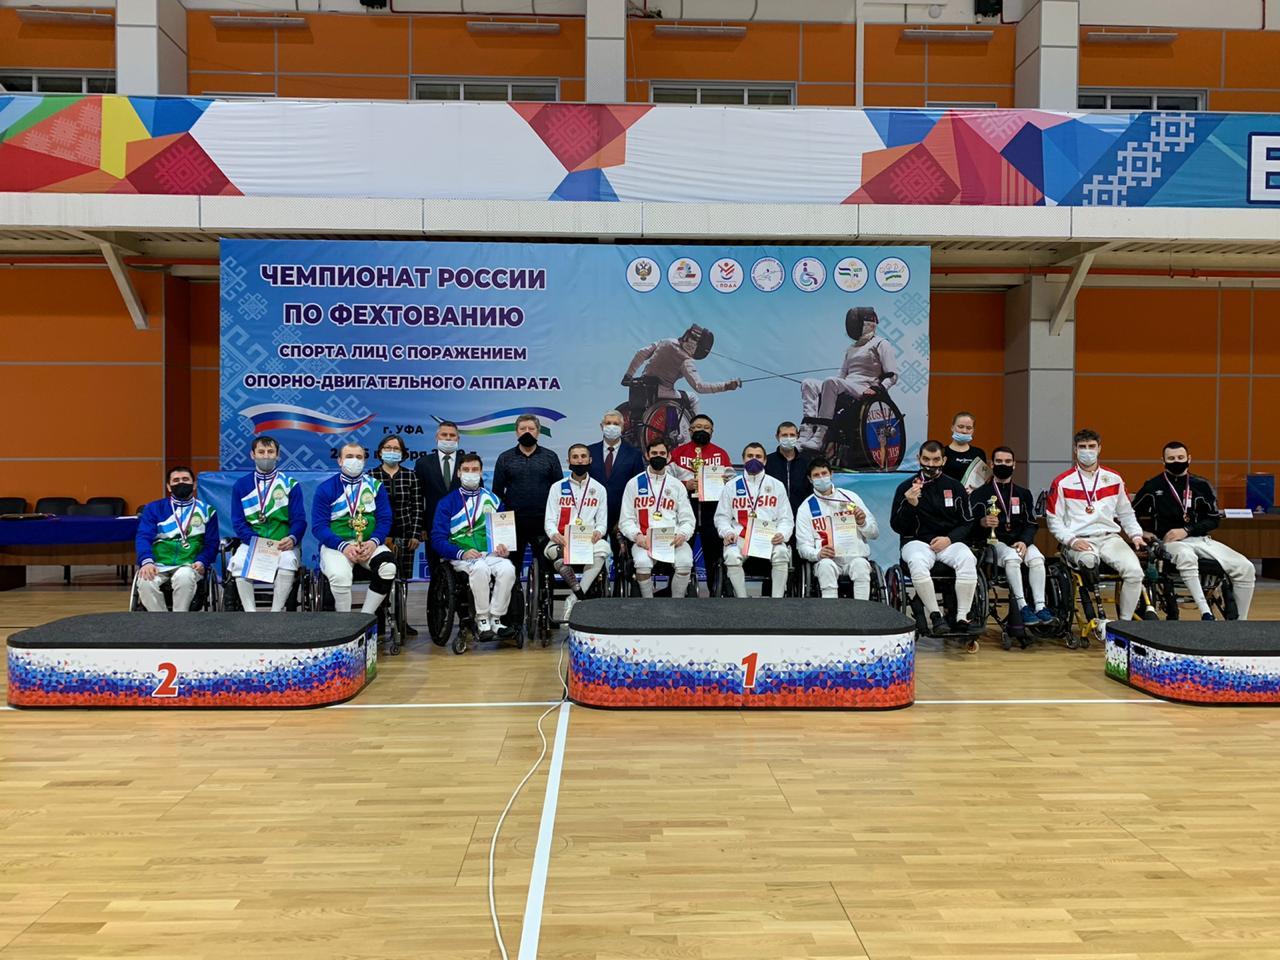 В Уфе завершился чемпионат России по фехтованию на колясках